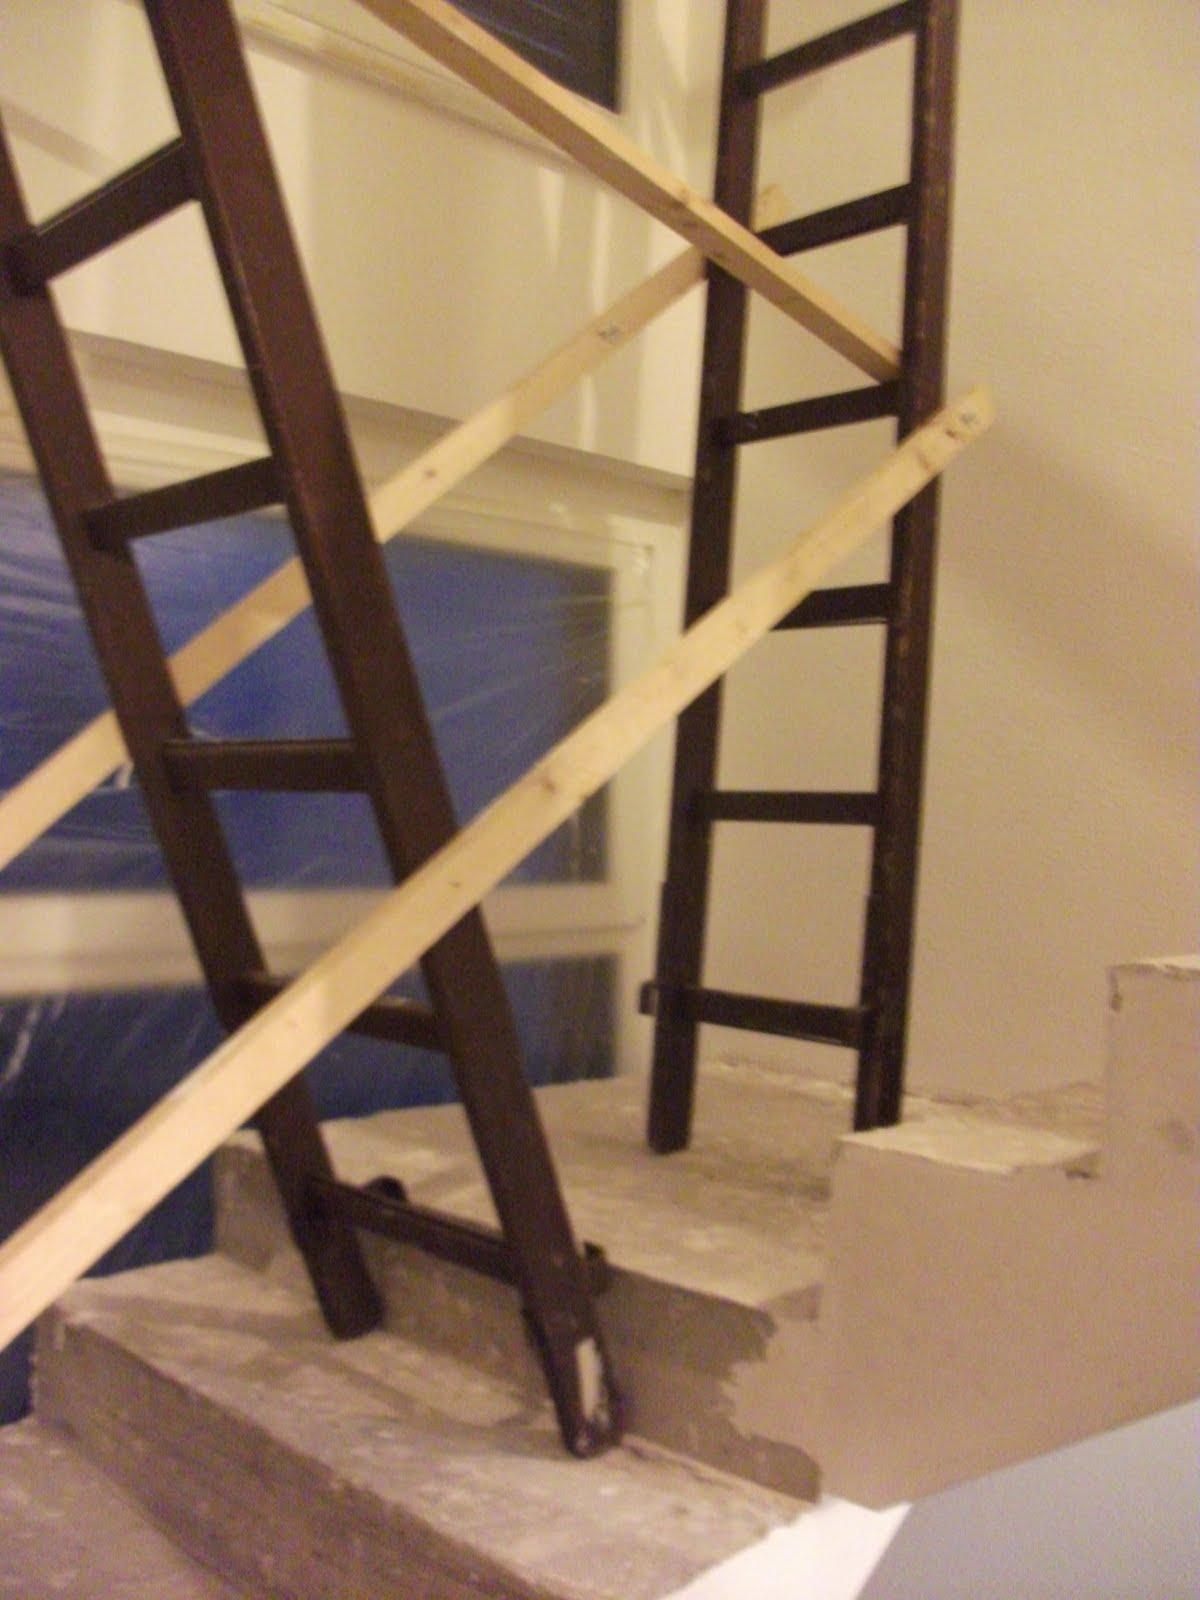 h ausbau rollputz und das abenteuerliche ger st. Black Bedroom Furniture Sets. Home Design Ideas